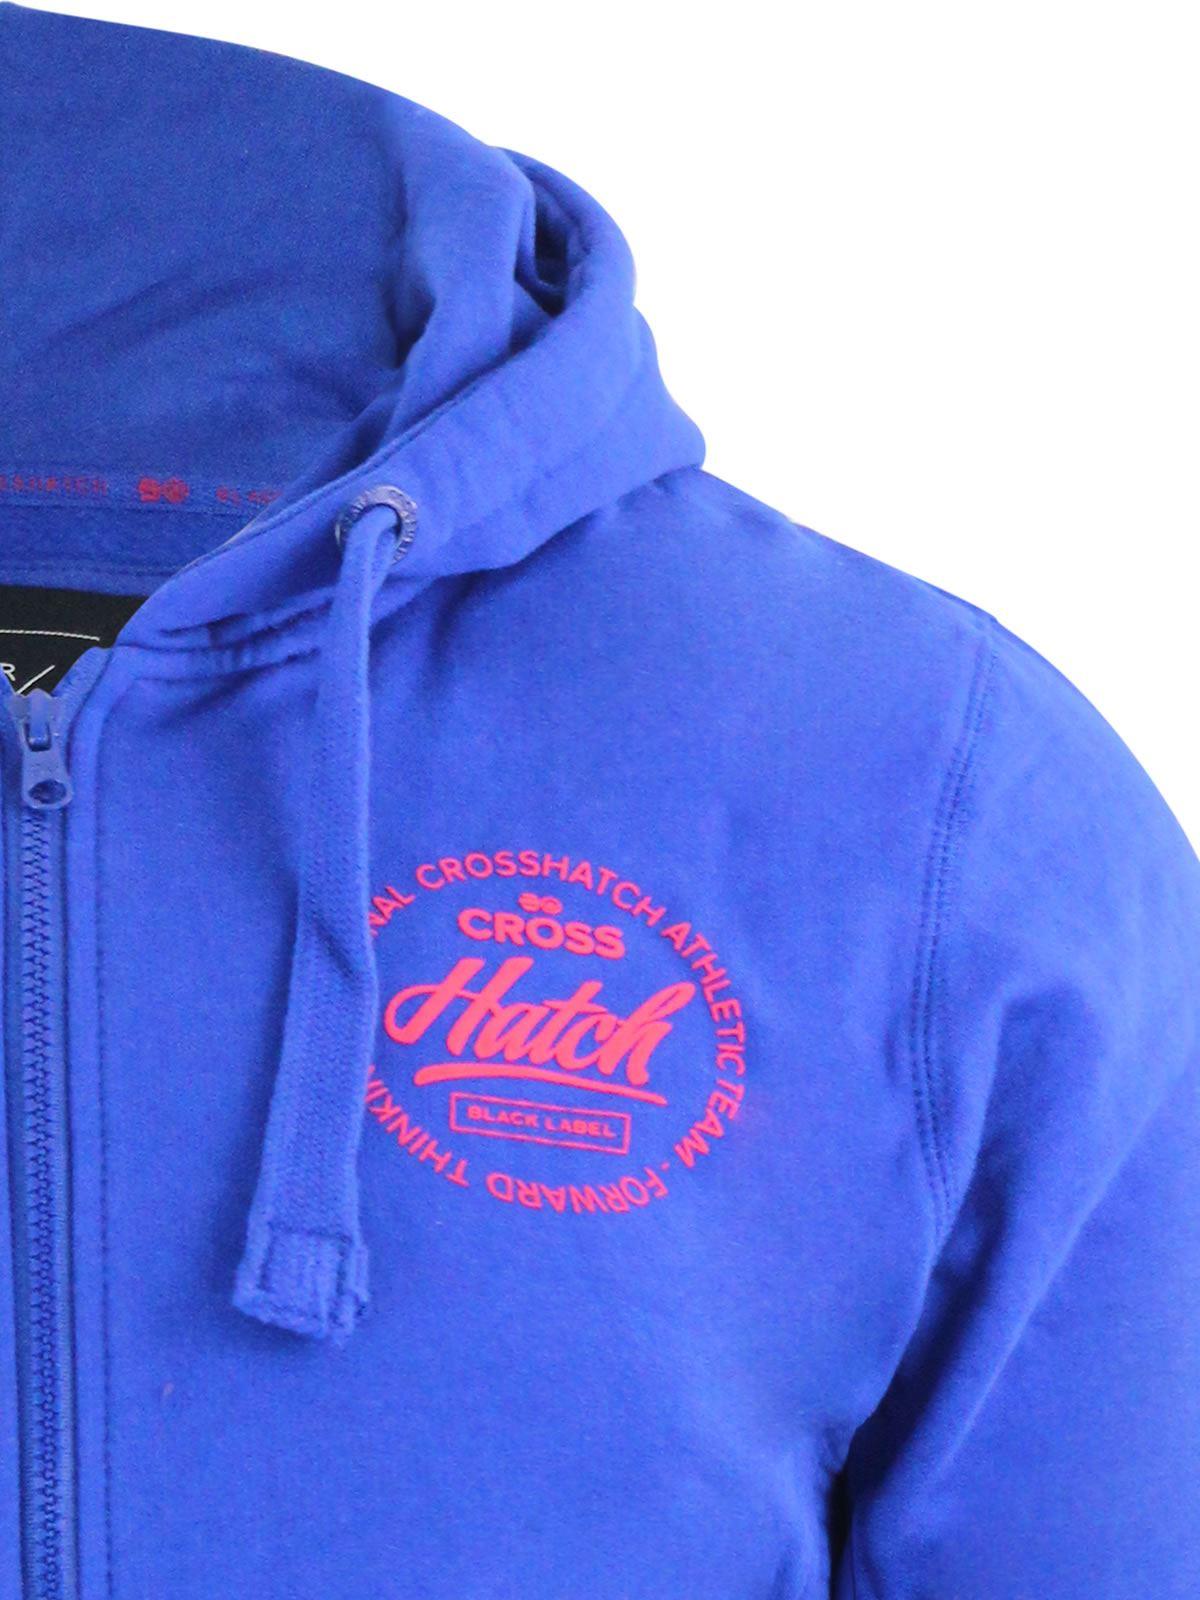 Mens-Hoodie-Crosshatch-Ribbler-Zip-Up-Hooded-Jacket-Pullover-Jumper-Sweatershirt thumbnail 17